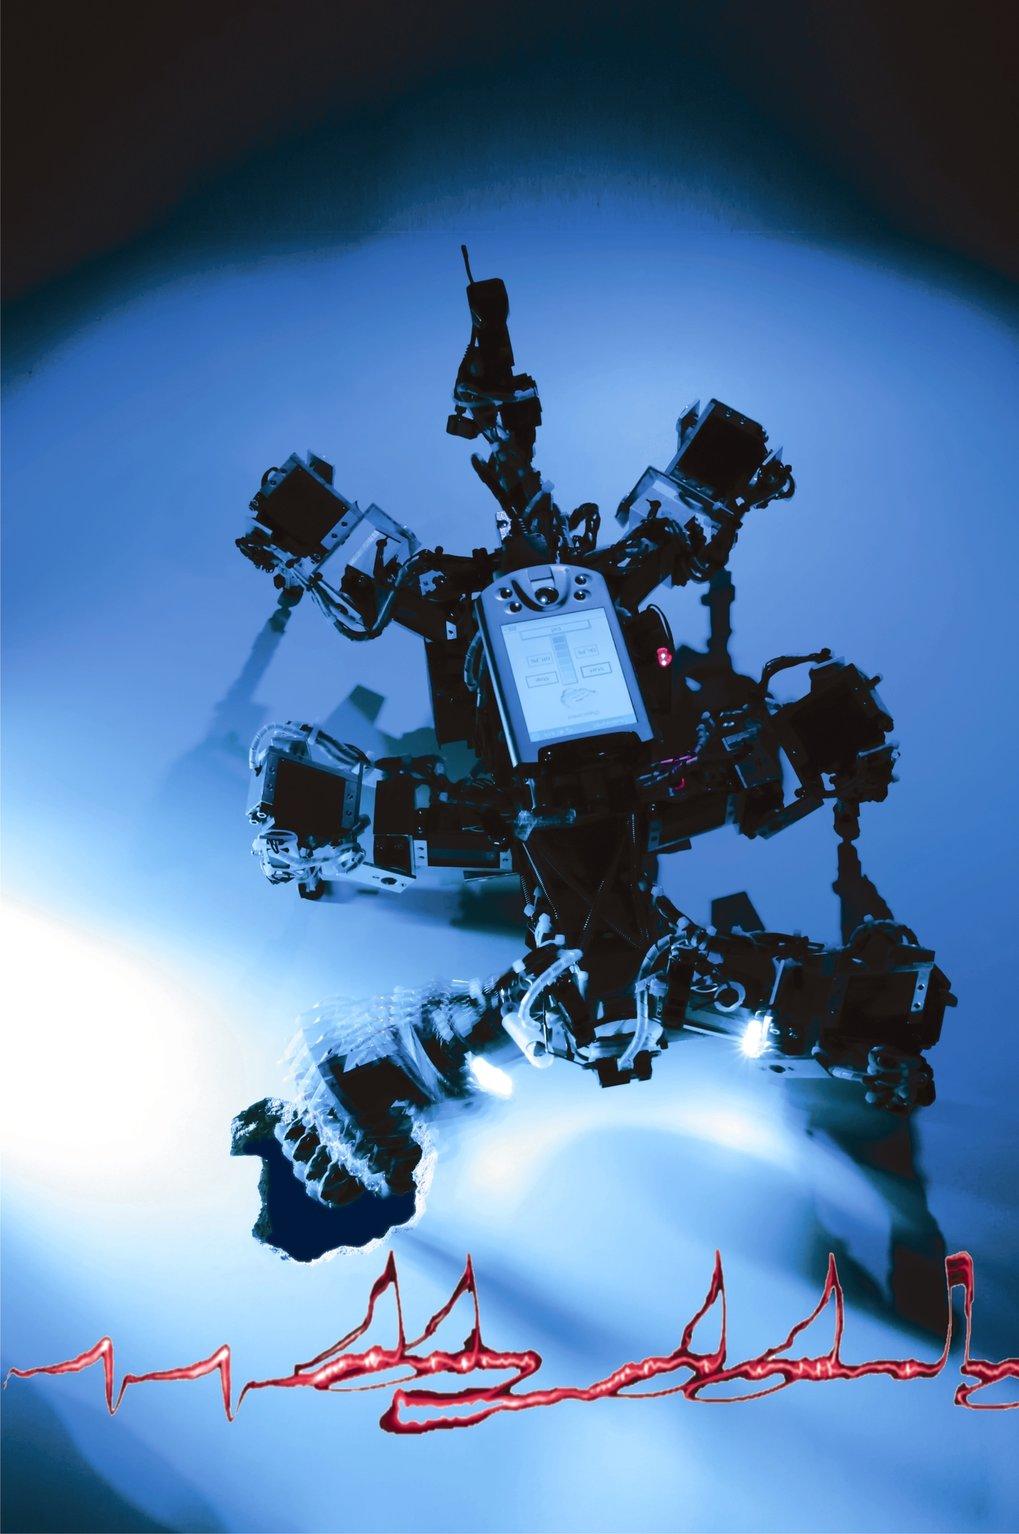 Abb. 3: Intelligente Dynamische Systeme: Neuro-inspirierte Nutzung von Instabilitäten macht Roboter dank adaptiver Chaos-Kontrolle selbständiger.